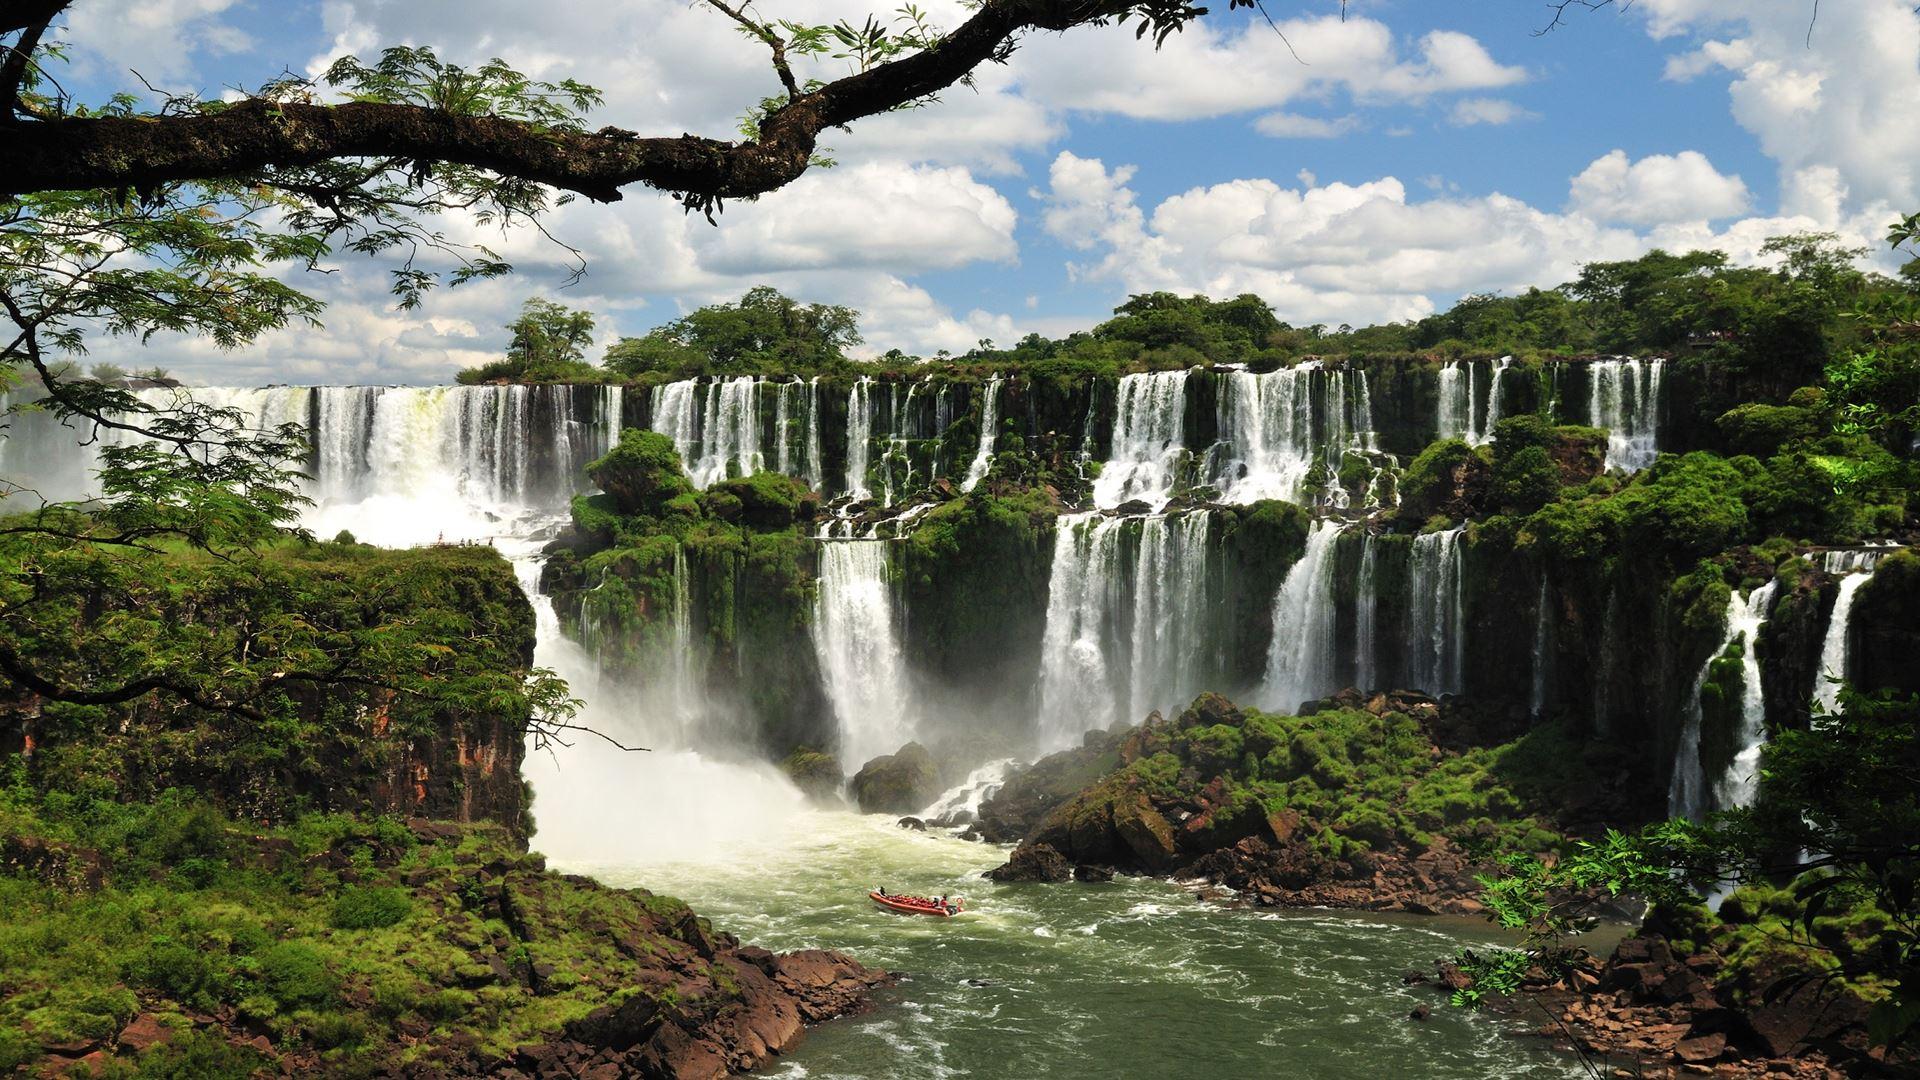 Promo: Cataratas do Iguaçu Argentina. Serviço de transporte do aeroporto de graça!